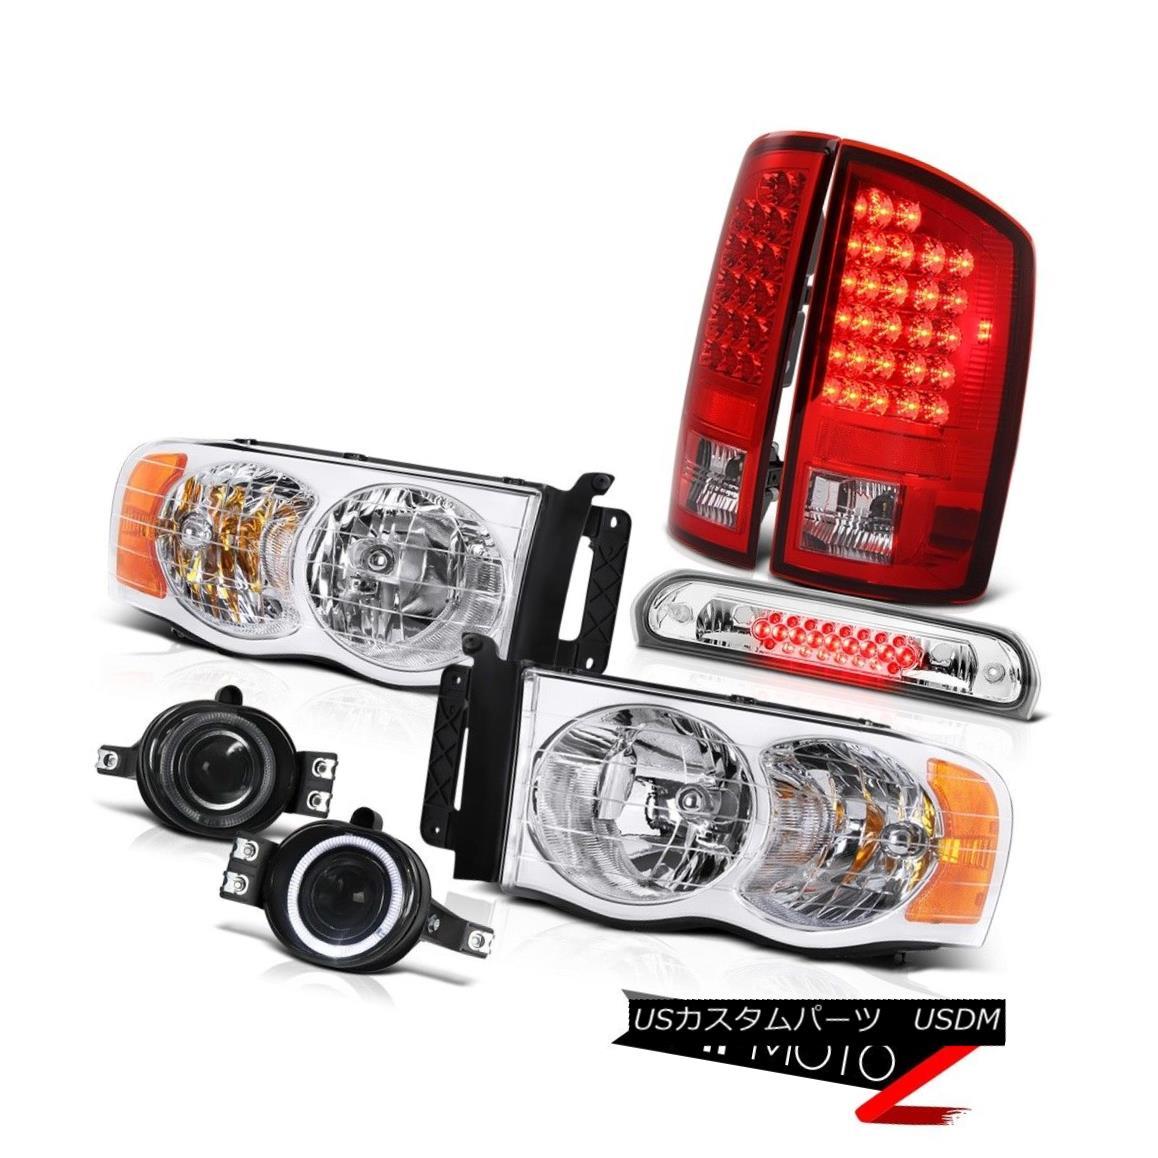 テールライト 02-05 Ram Hemi Crystal Clear Headlights LED Tail Lights Red Bumper Fog Roof Stop 02-05 Ram HemiクリスタルクリアヘッドライトLEDテールライトレッドバンパーフォグ屋根停止